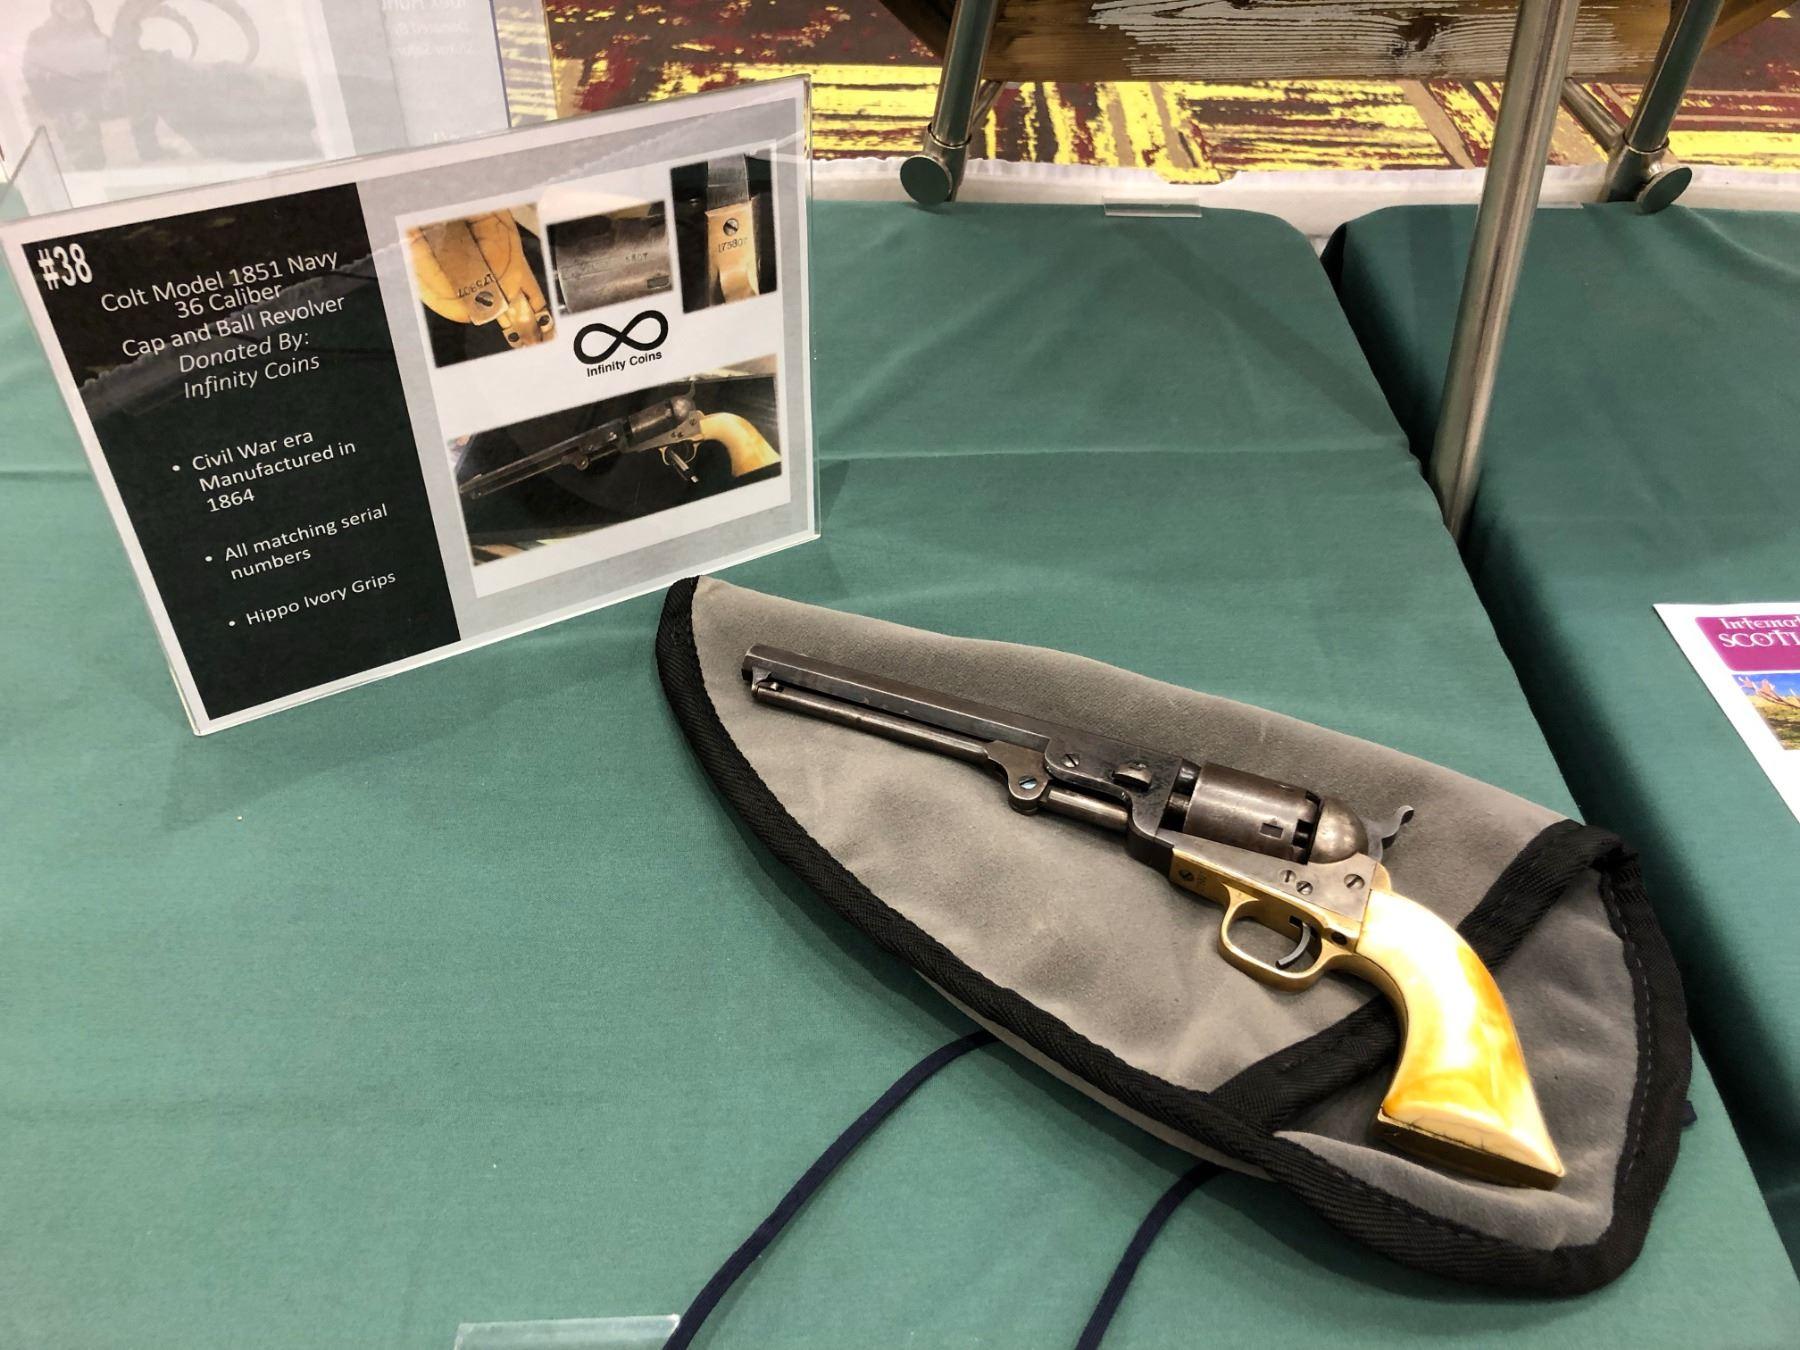 Civil Ware Era Colt 1851 Navy  36 Caliber Cap And Ball Revolver